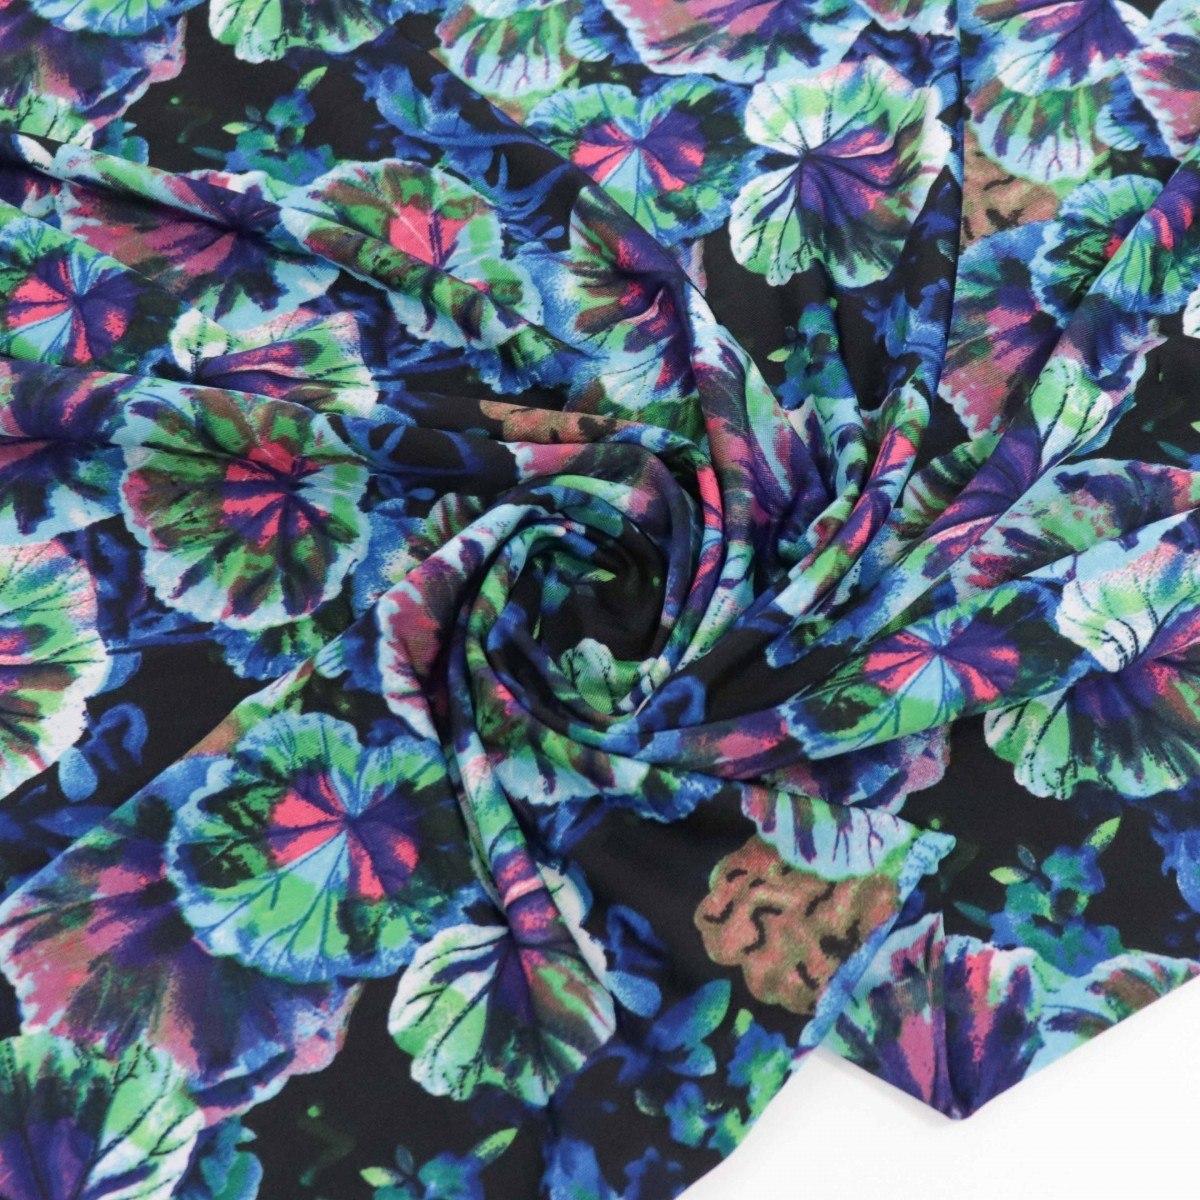 Tecido Malha Liganete Floral Preto e Tons de Azul